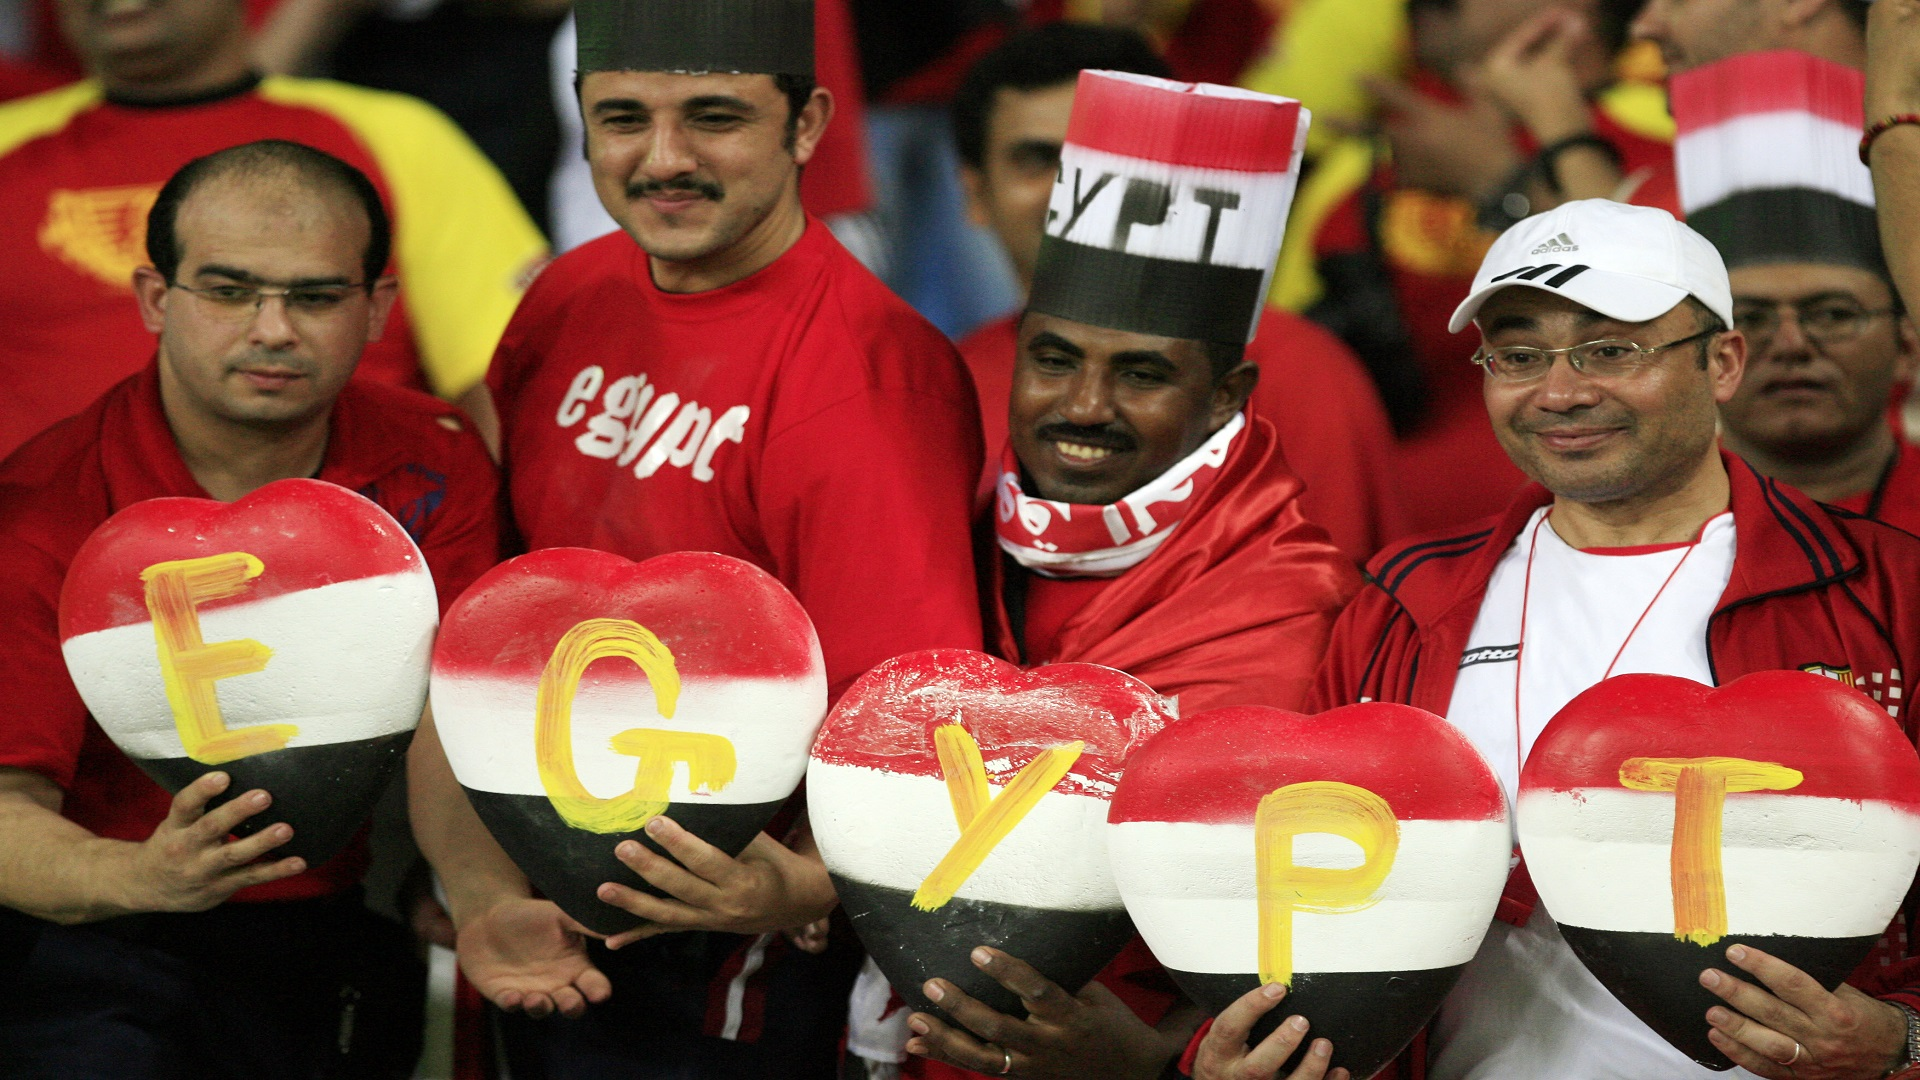 ستقام البطولة في مصر، لكن لم يحدد موعدها